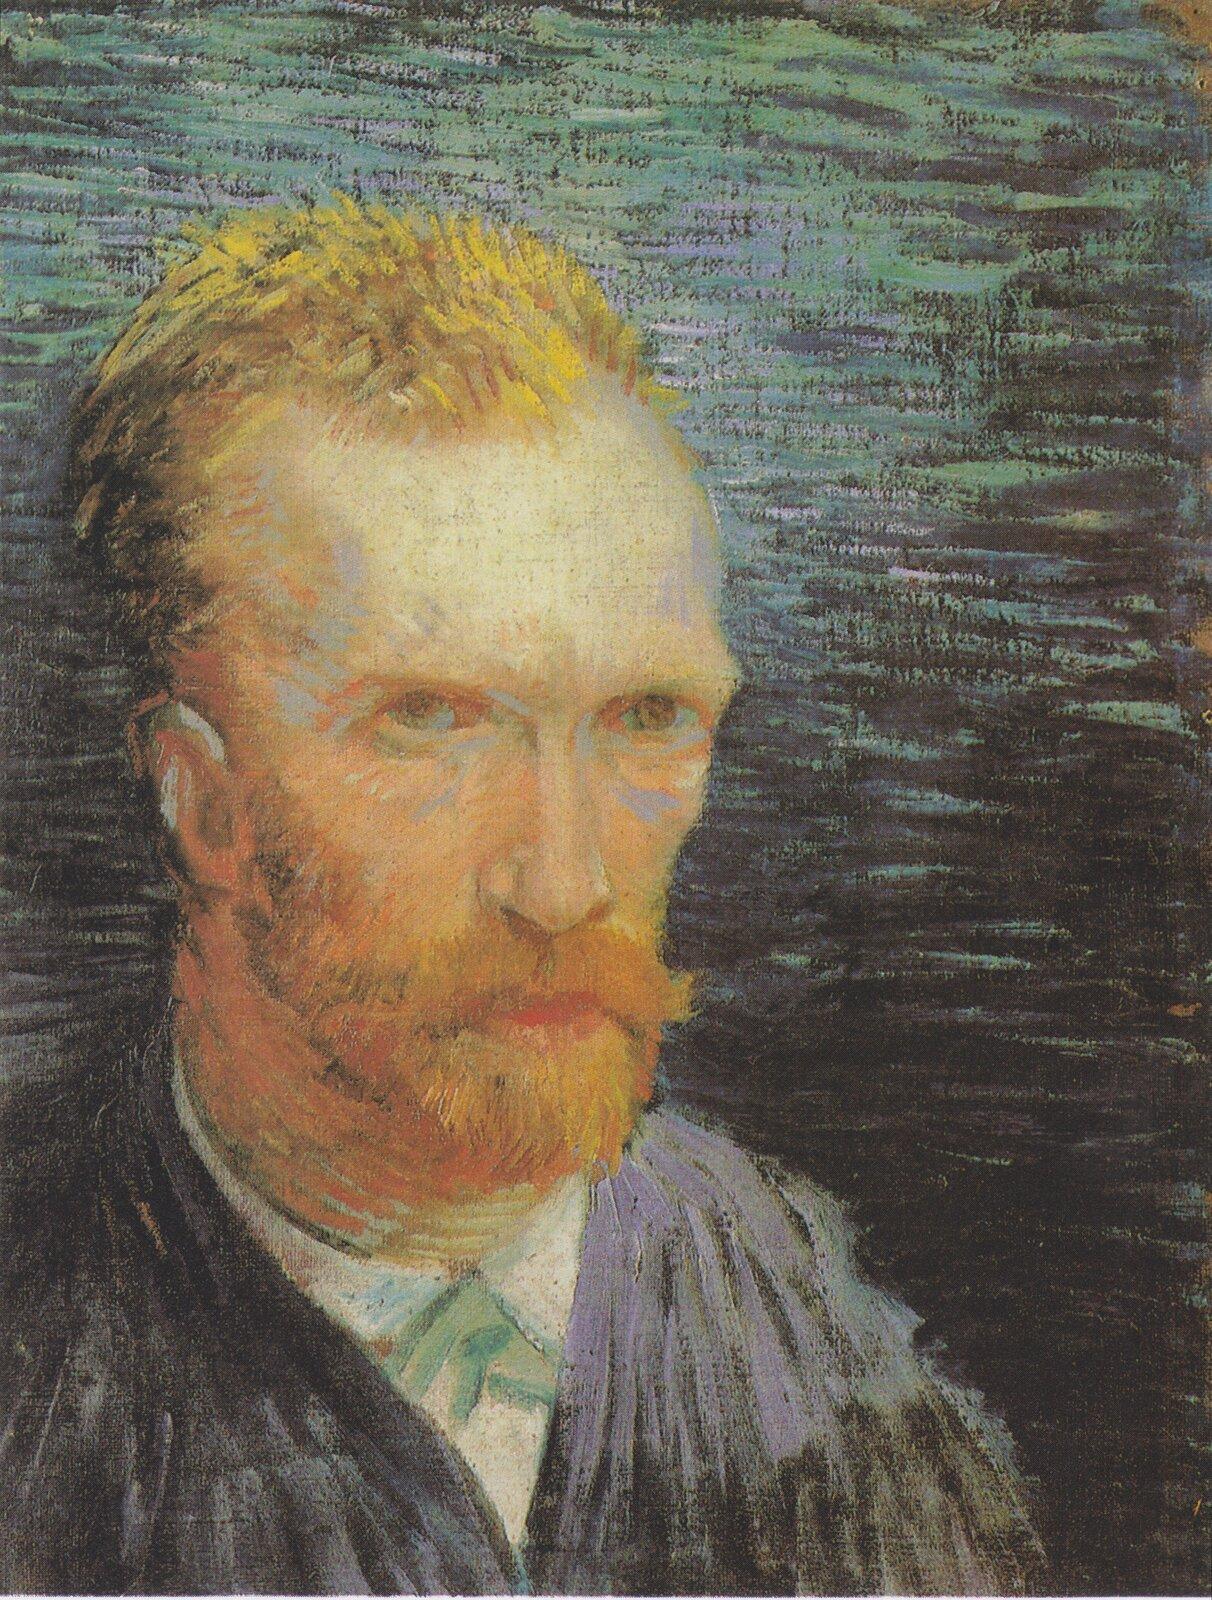 Autoportret Źródło: Vincent van Gogh, Autoportret, 1887, olej na płótnie zamontowany na tekturze, Van Gogh Museum, Amsterdam, domena publiczna.